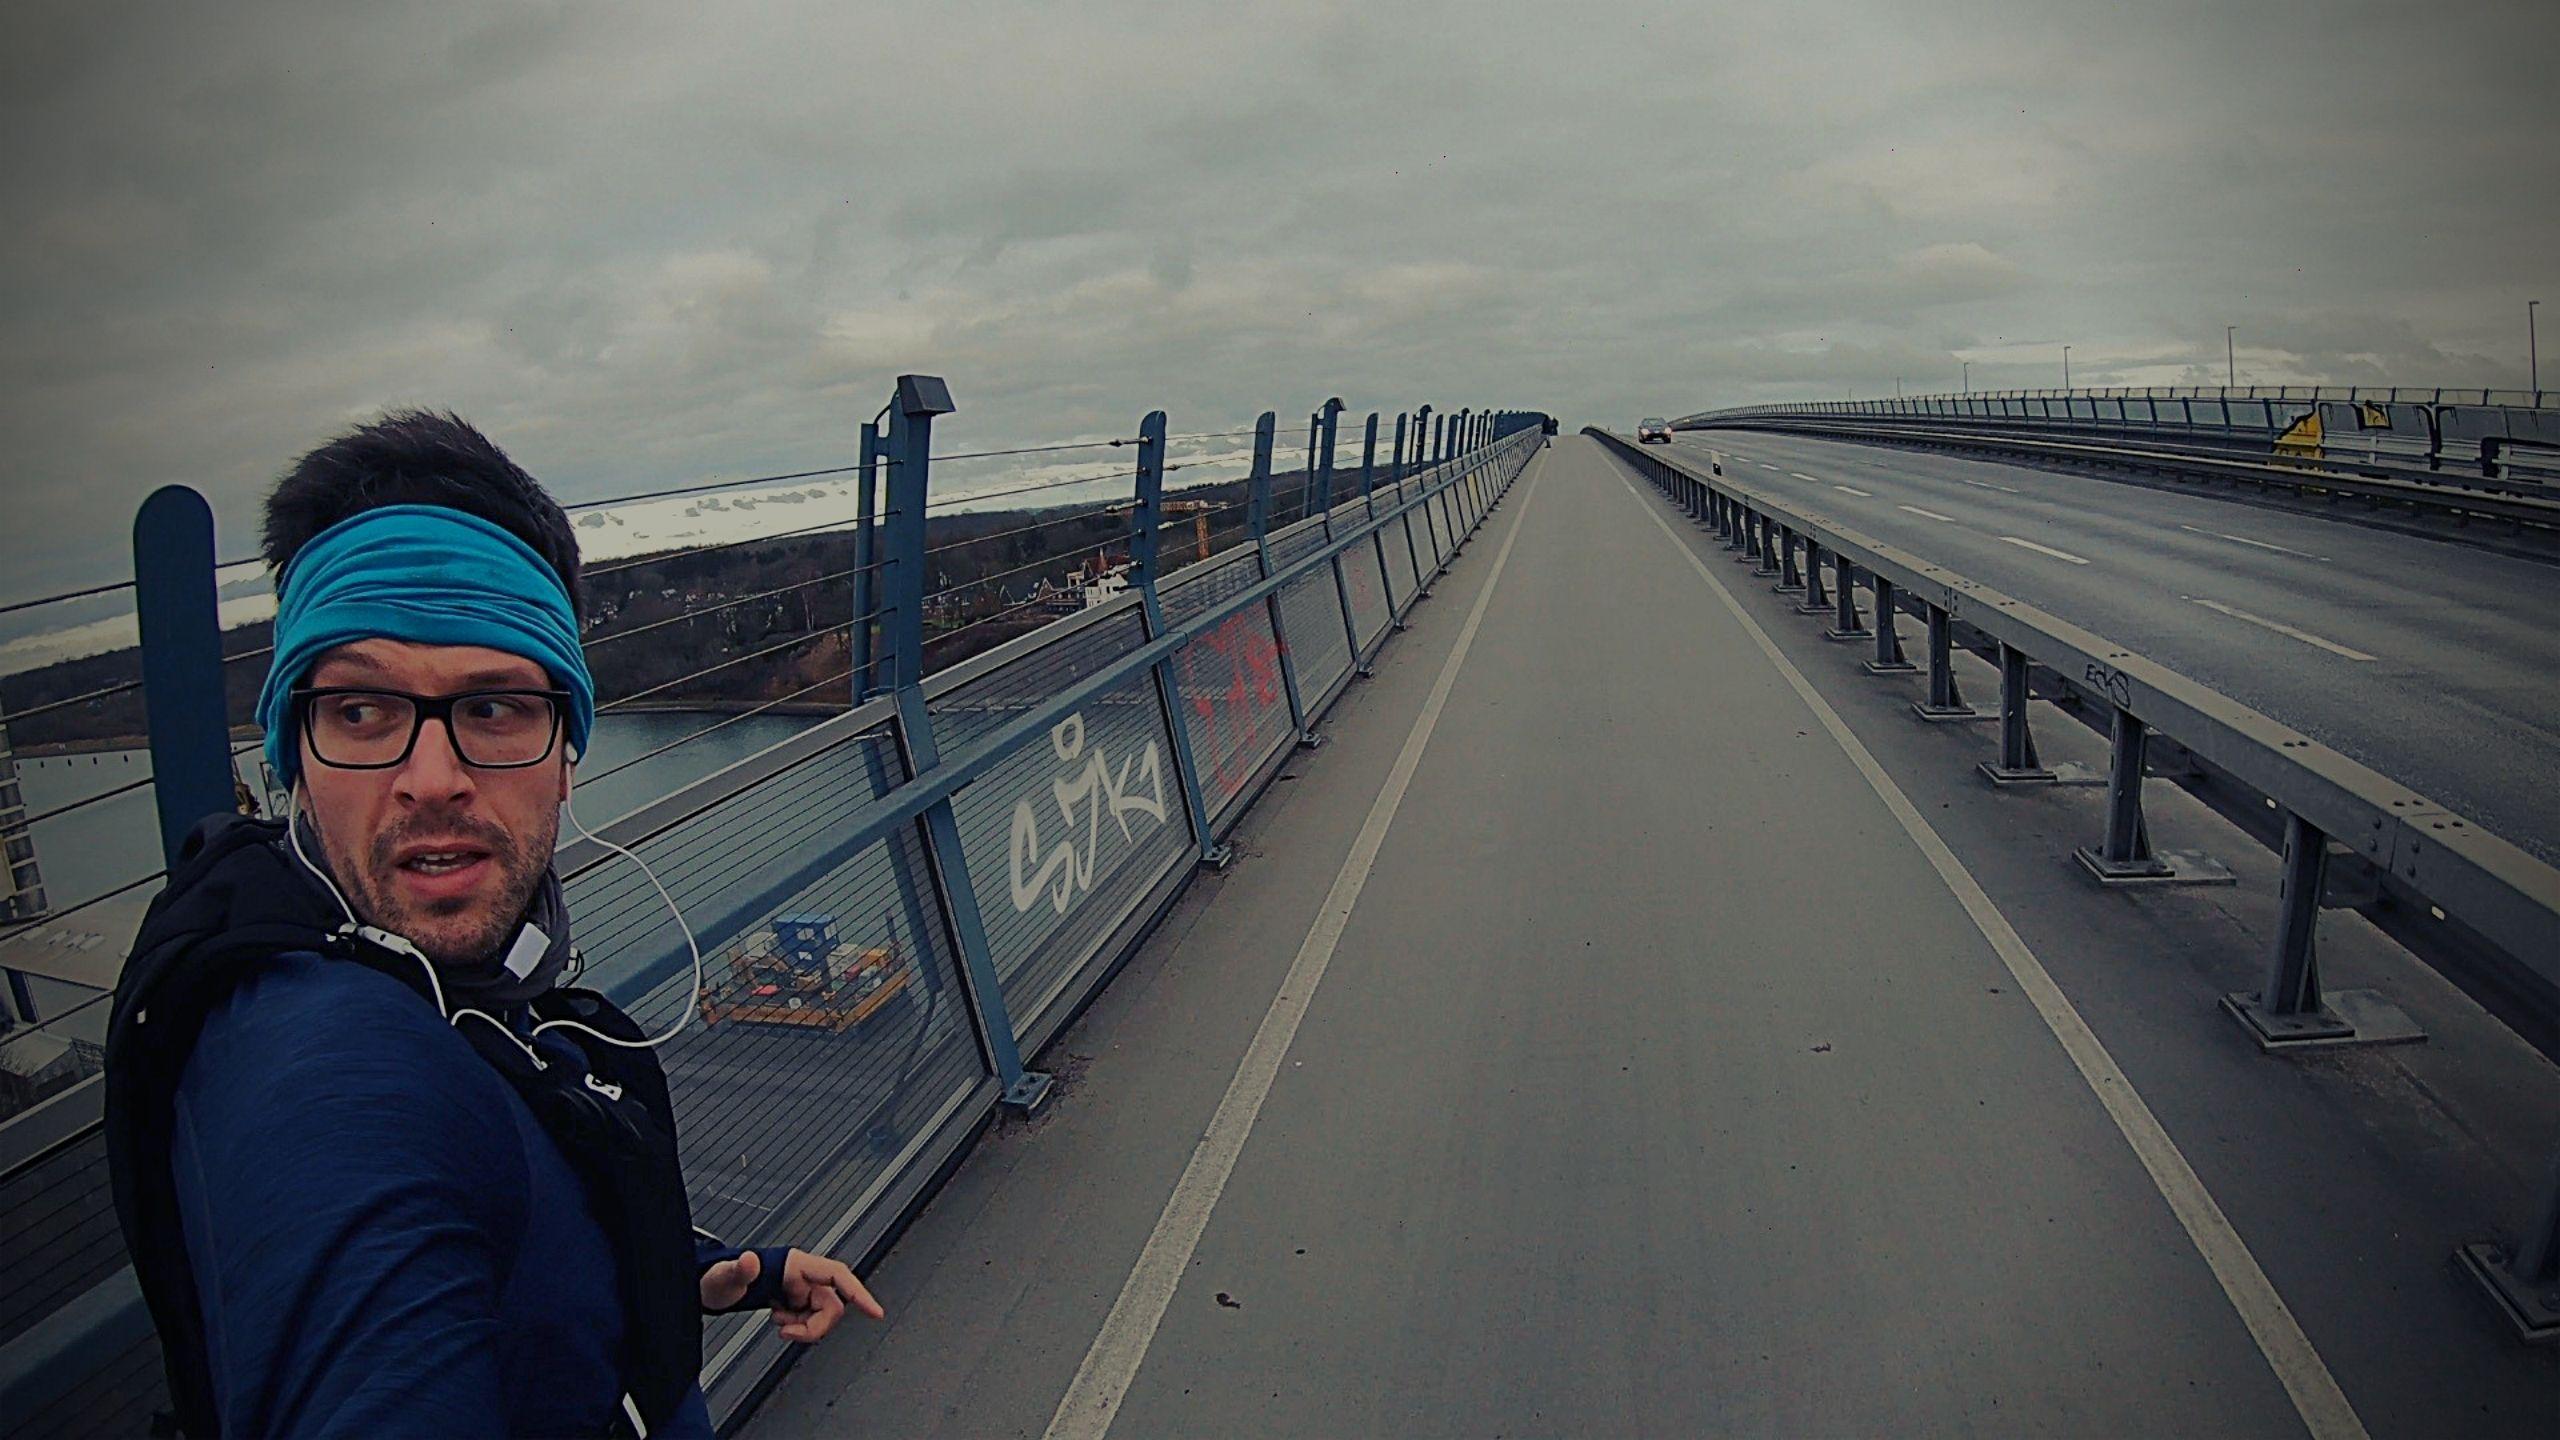 Streak Running täglich laufen